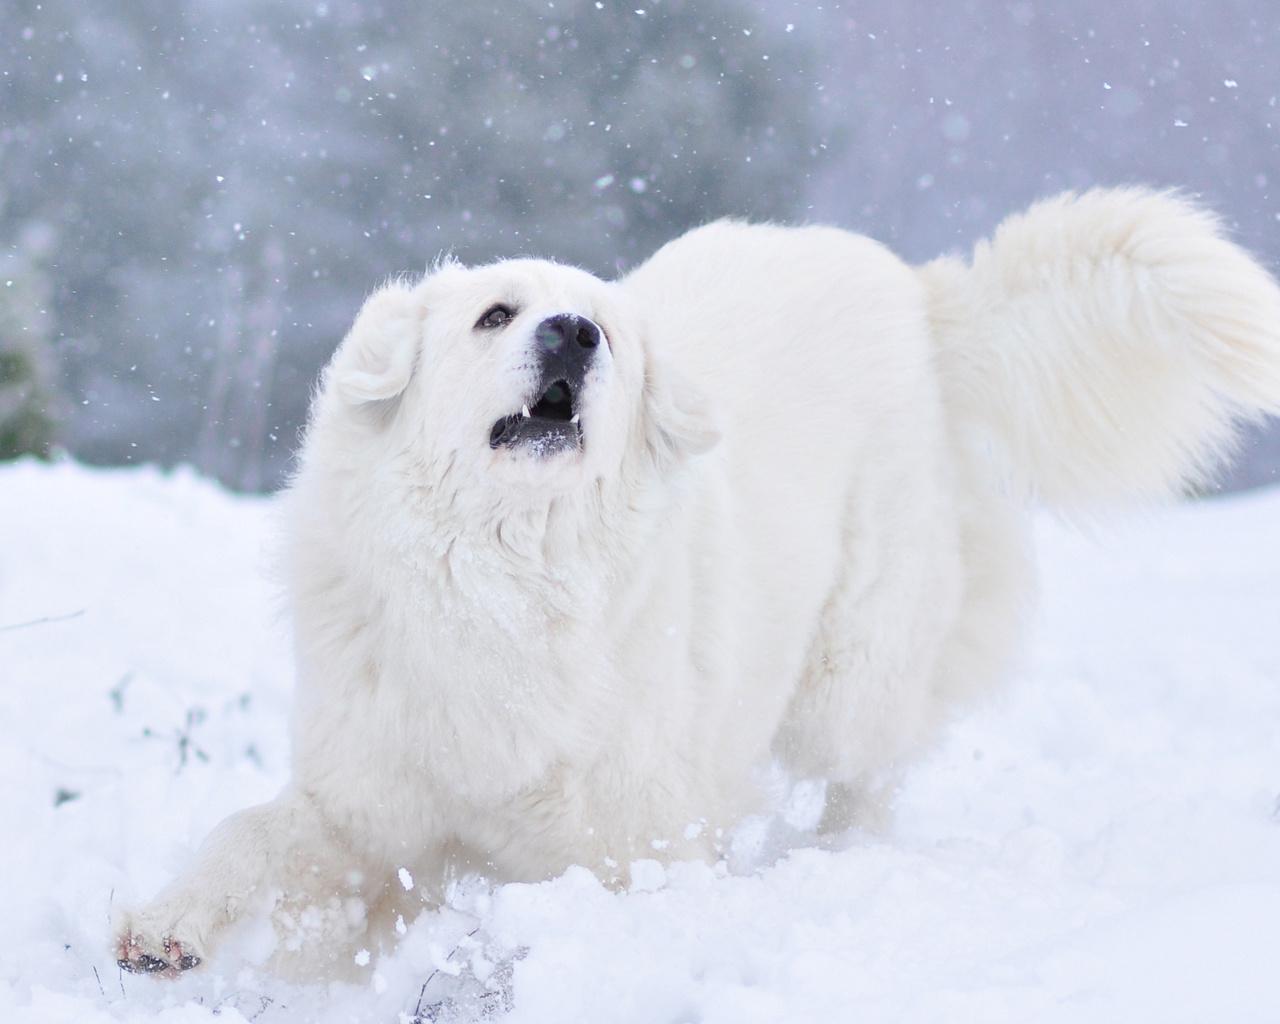 животное, собака, пёс, природа, зима, снег